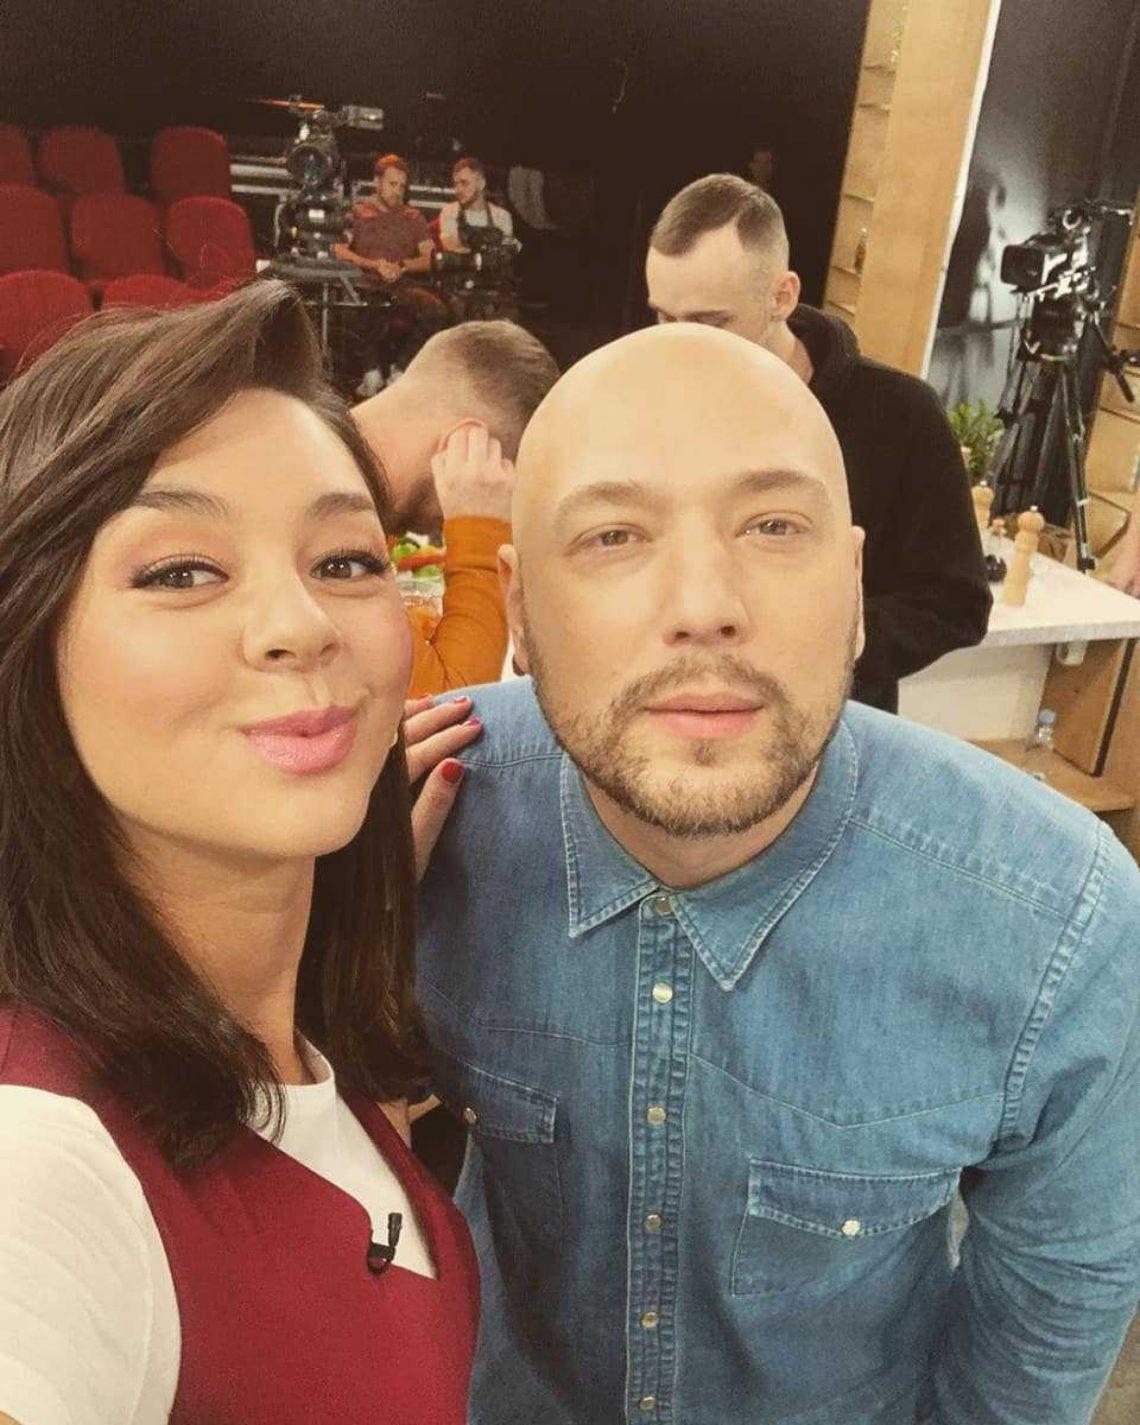 Владимир Маркони объяснил свое заявление о «фейковом» разводе Кристины Асмус и Гарика Харламова